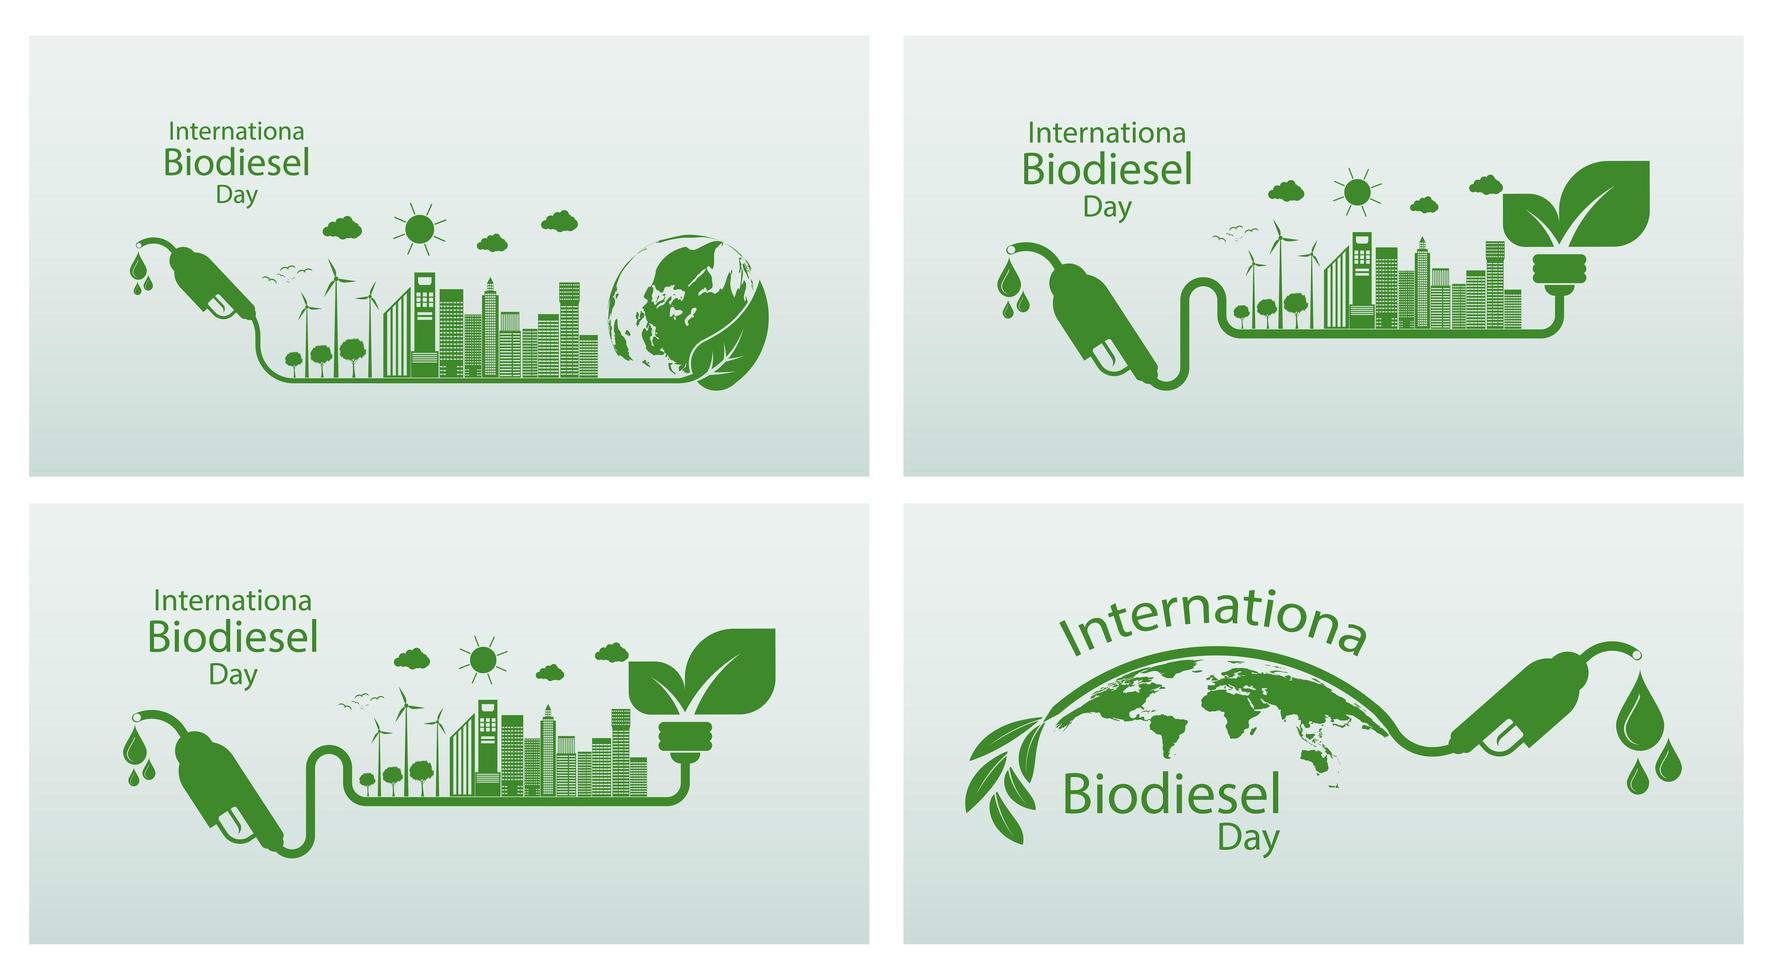 internationale dag van de biodiesel vector